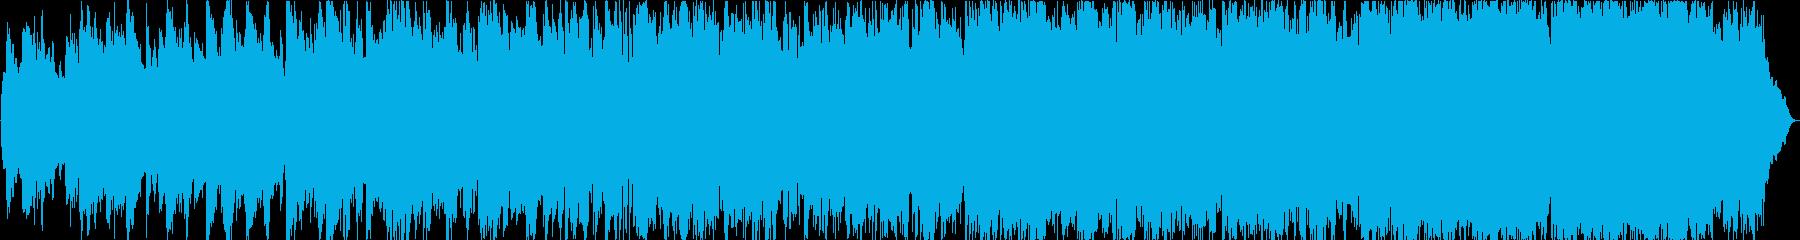 爽やかな笛とシンセサイザーの癒しの音楽の再生済みの波形